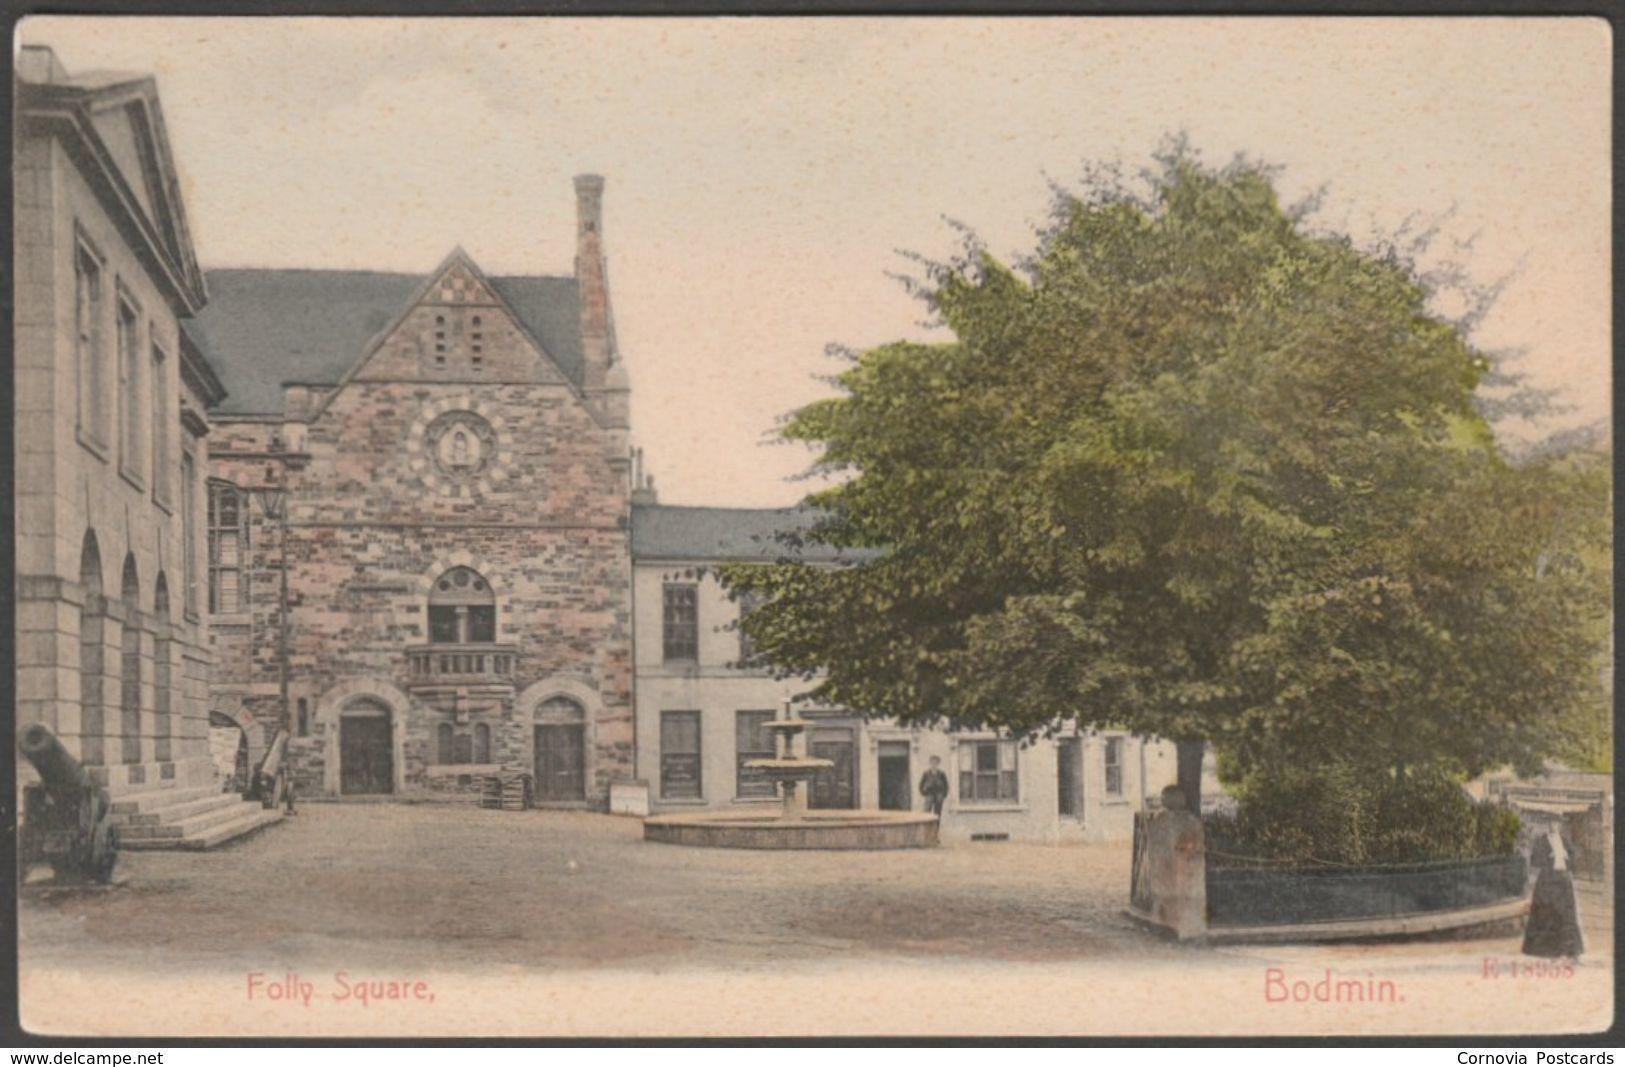 Folly Square, Bodmin, Cornwall, c.1905 - Stengel Postcard